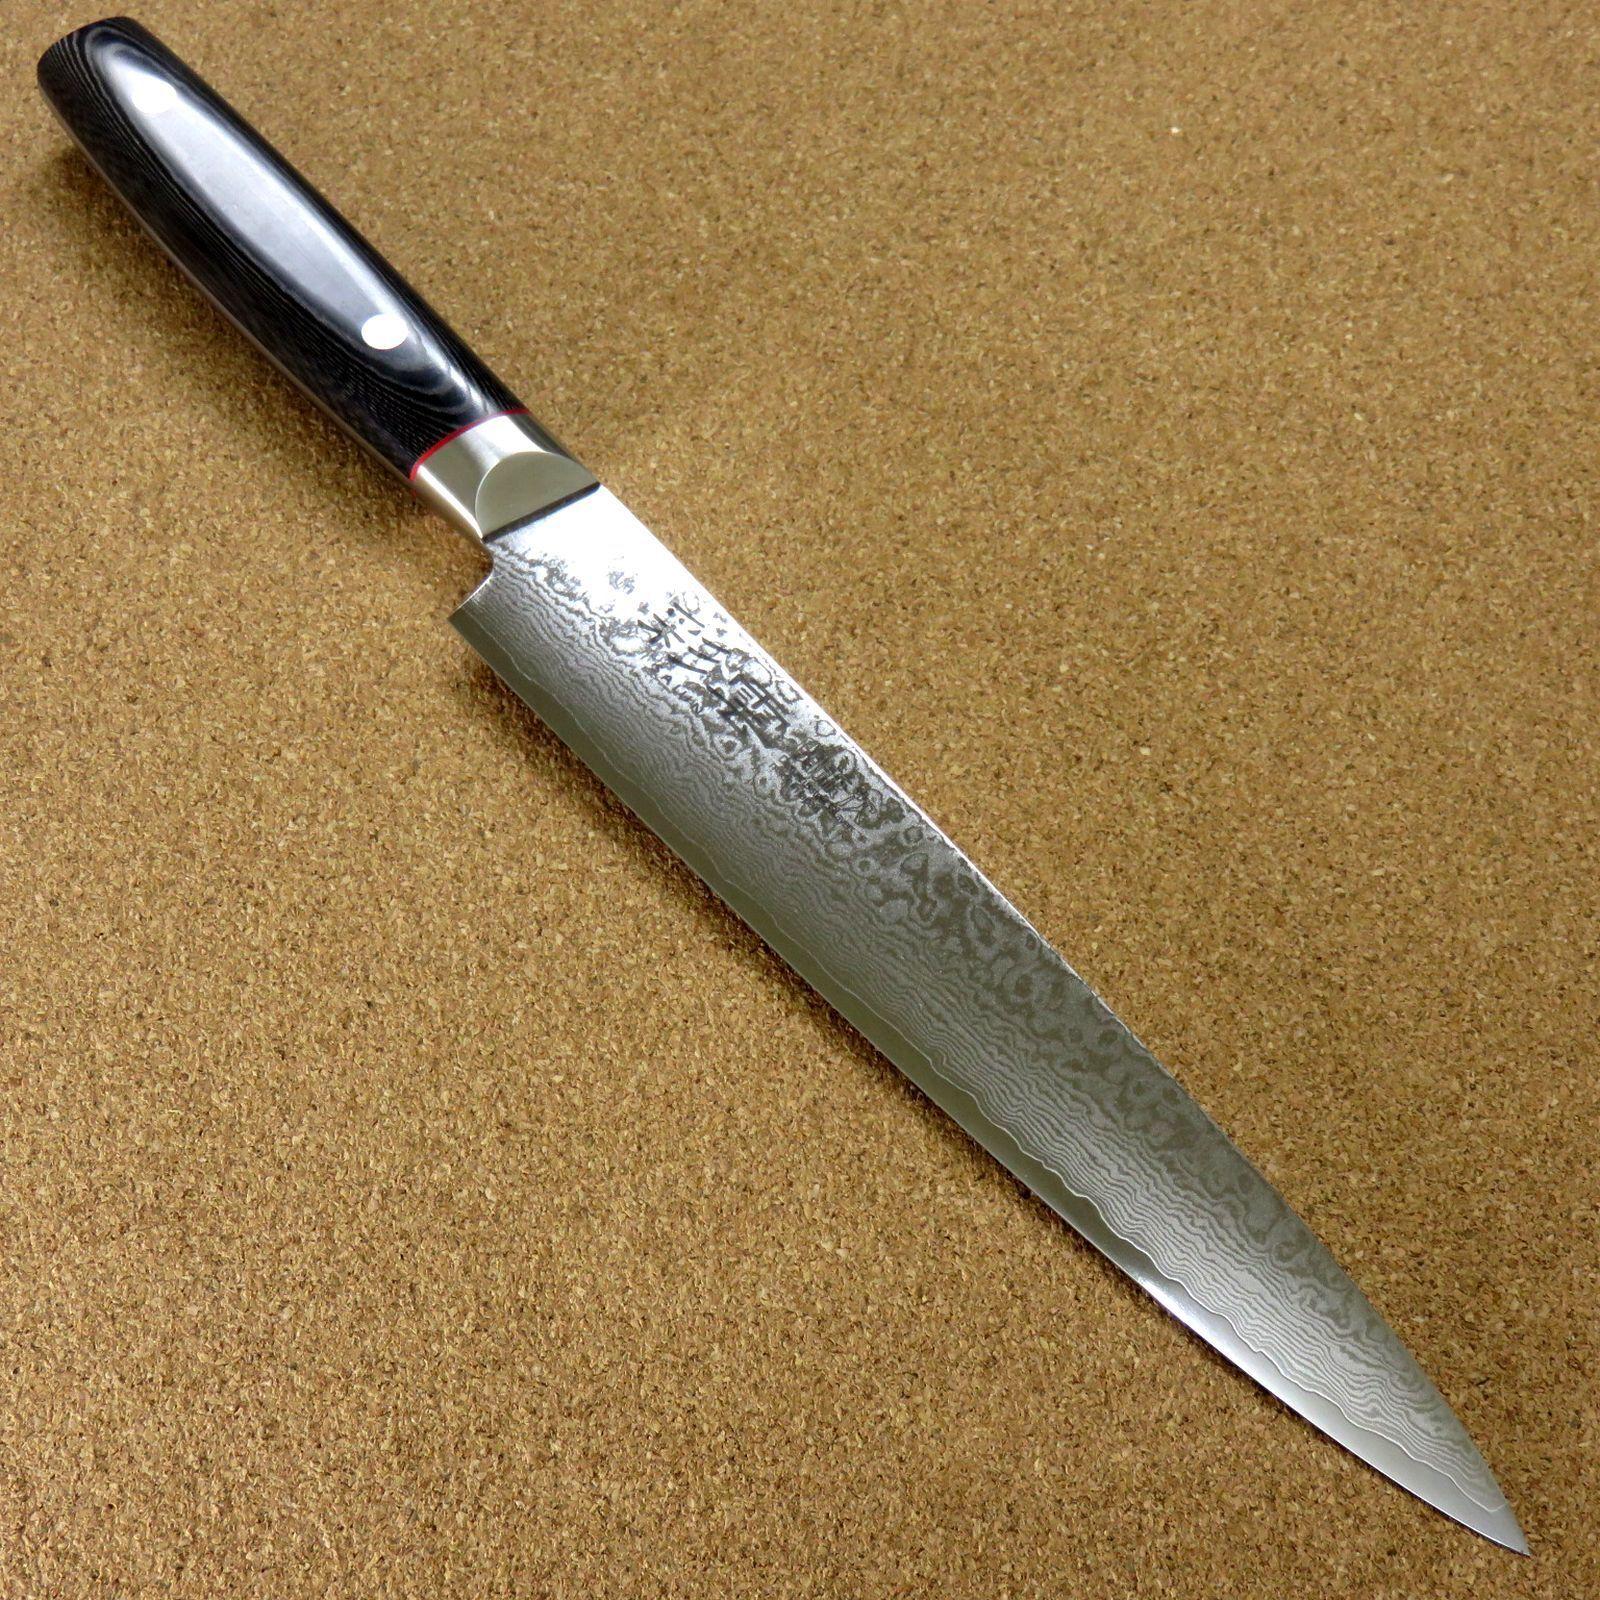 Japonais Saiun cuisine Sujihiki tranchage couteau 210 mm 8  VG-10 Damascus SEKI JAPAN